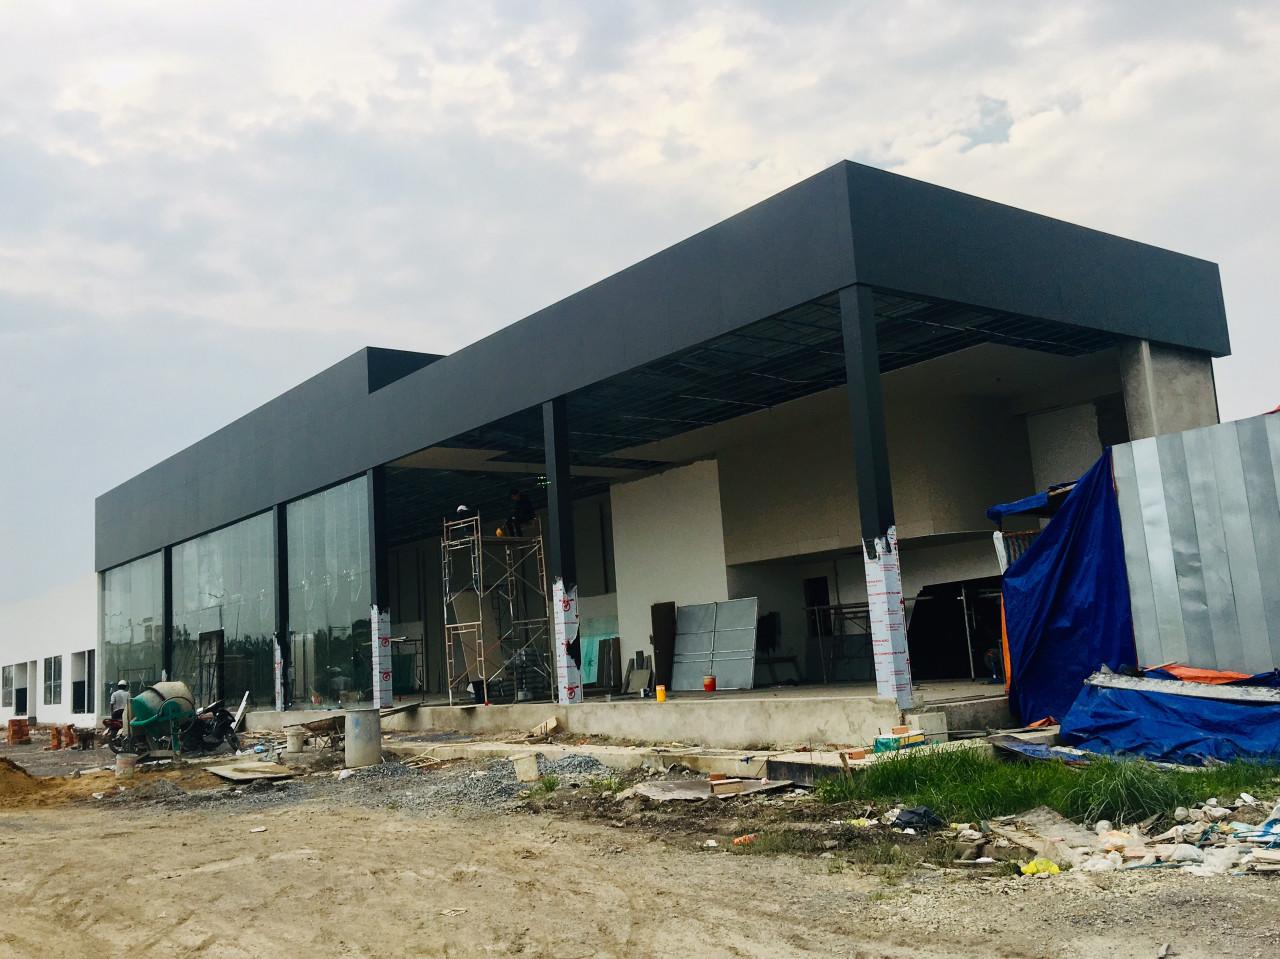 Tiến độ dự án căn hộ chung cư La Premier Quận 2 Phường Thạnh Mỹ Lợi chủ đầu tư Phú Cường Group và Lotte Việt Nam tháng 12/2018